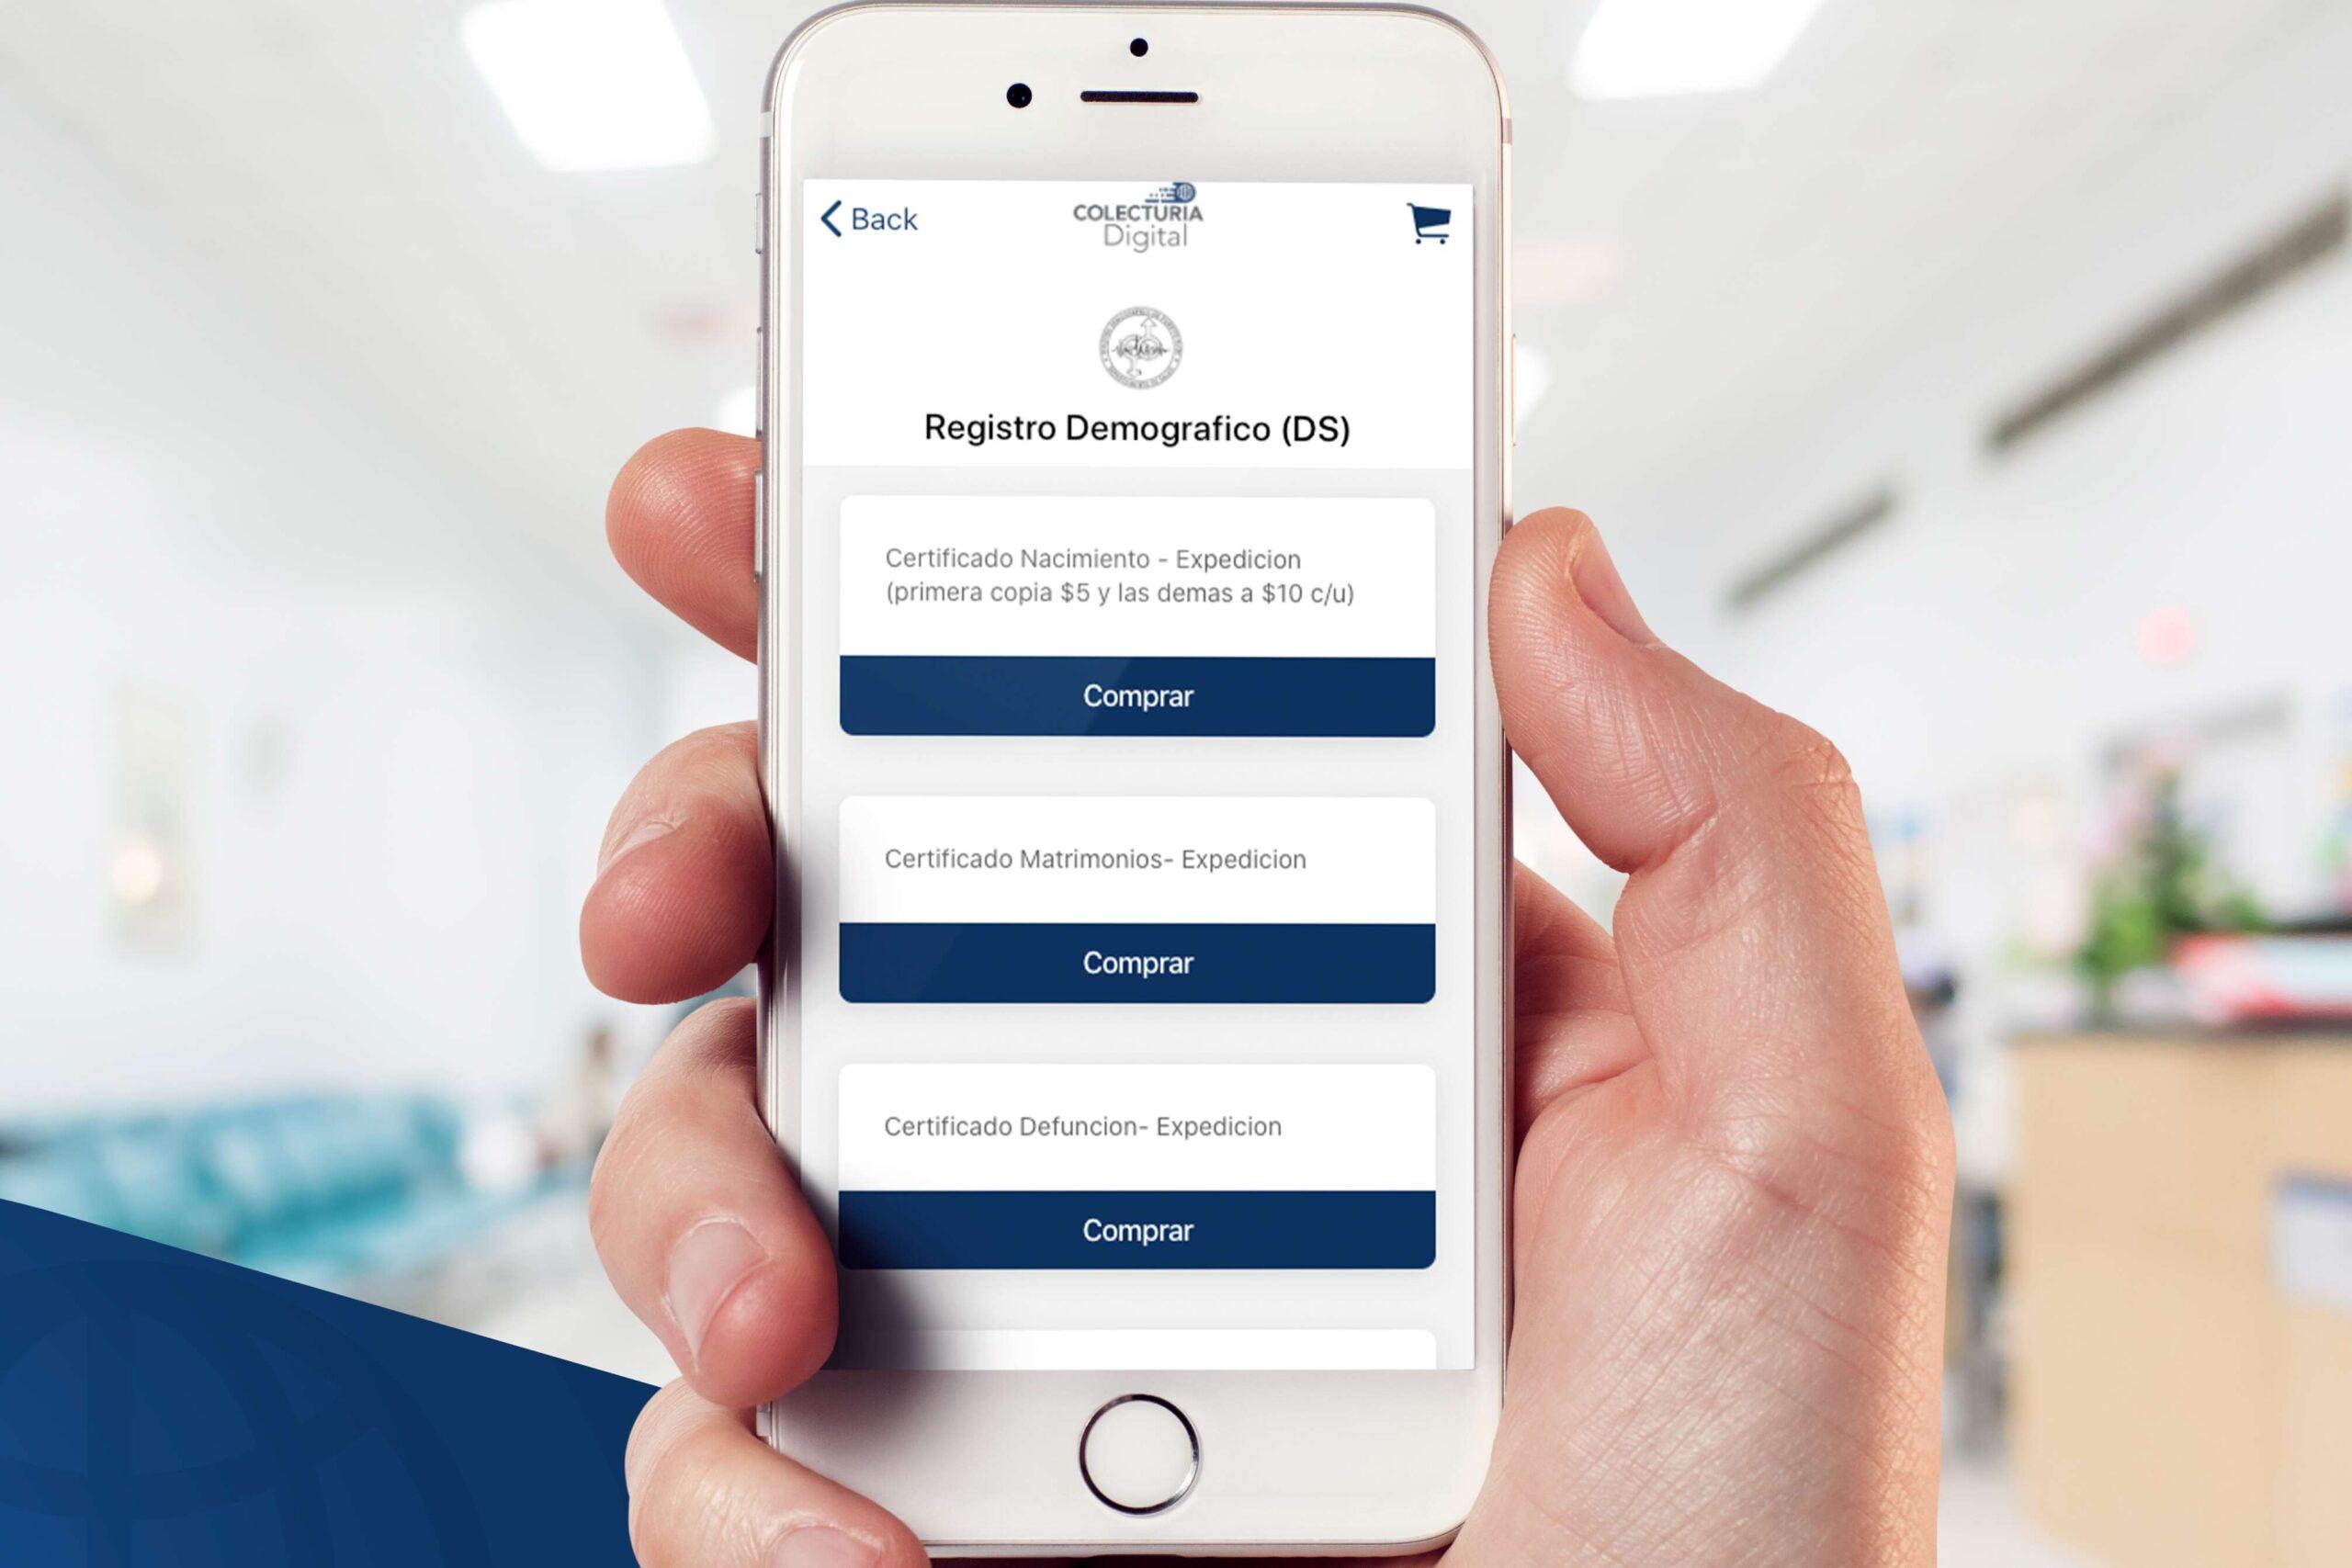 Se Digitaliza el Registro Demográfico